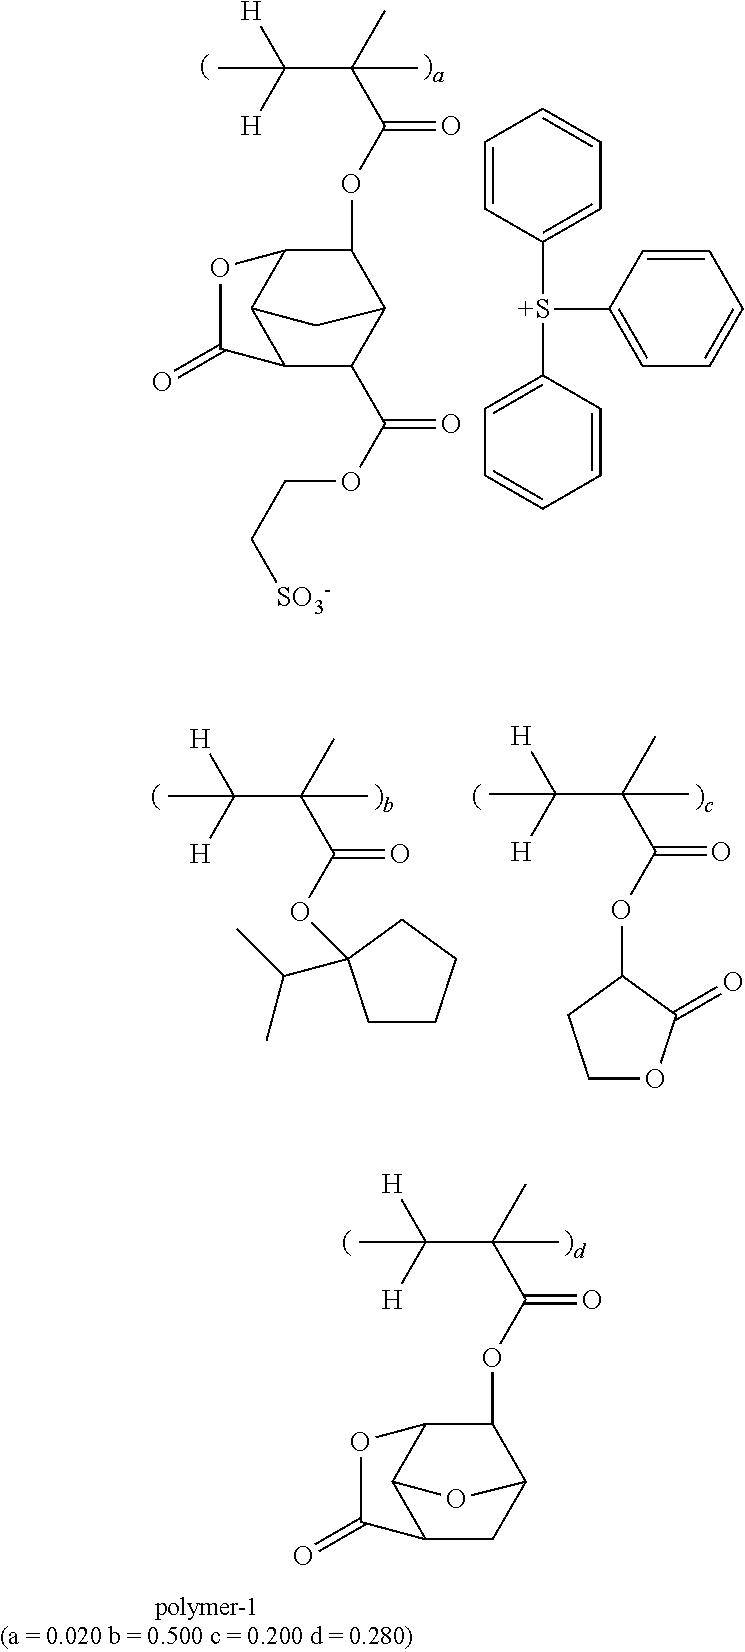 Figure US08900793-20141202-C00072